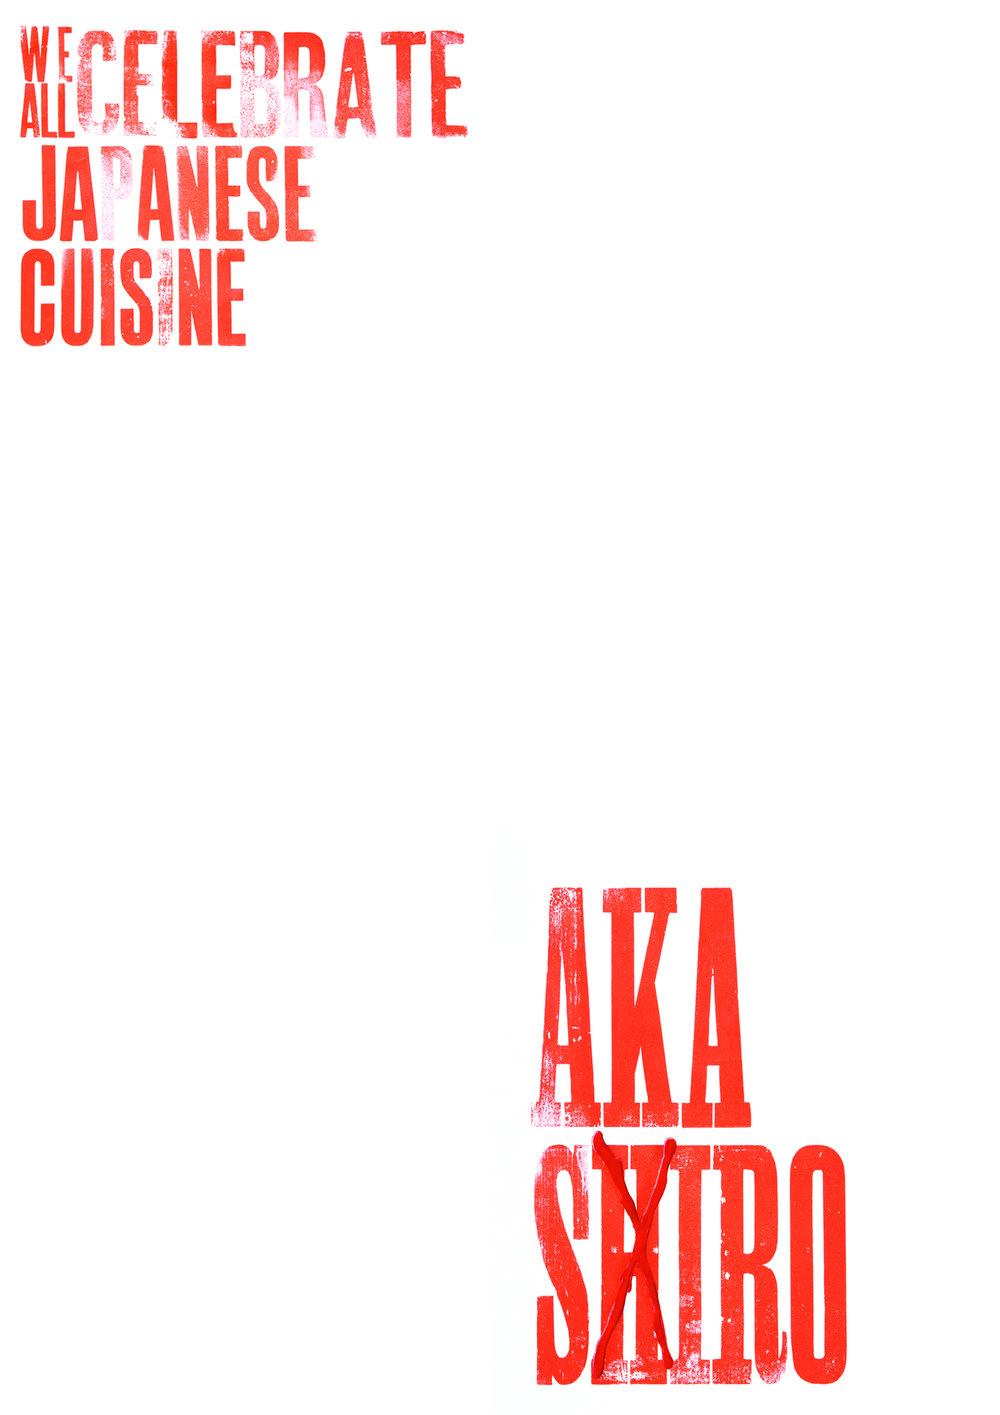 AKASIRO MENU201801-01.jpg